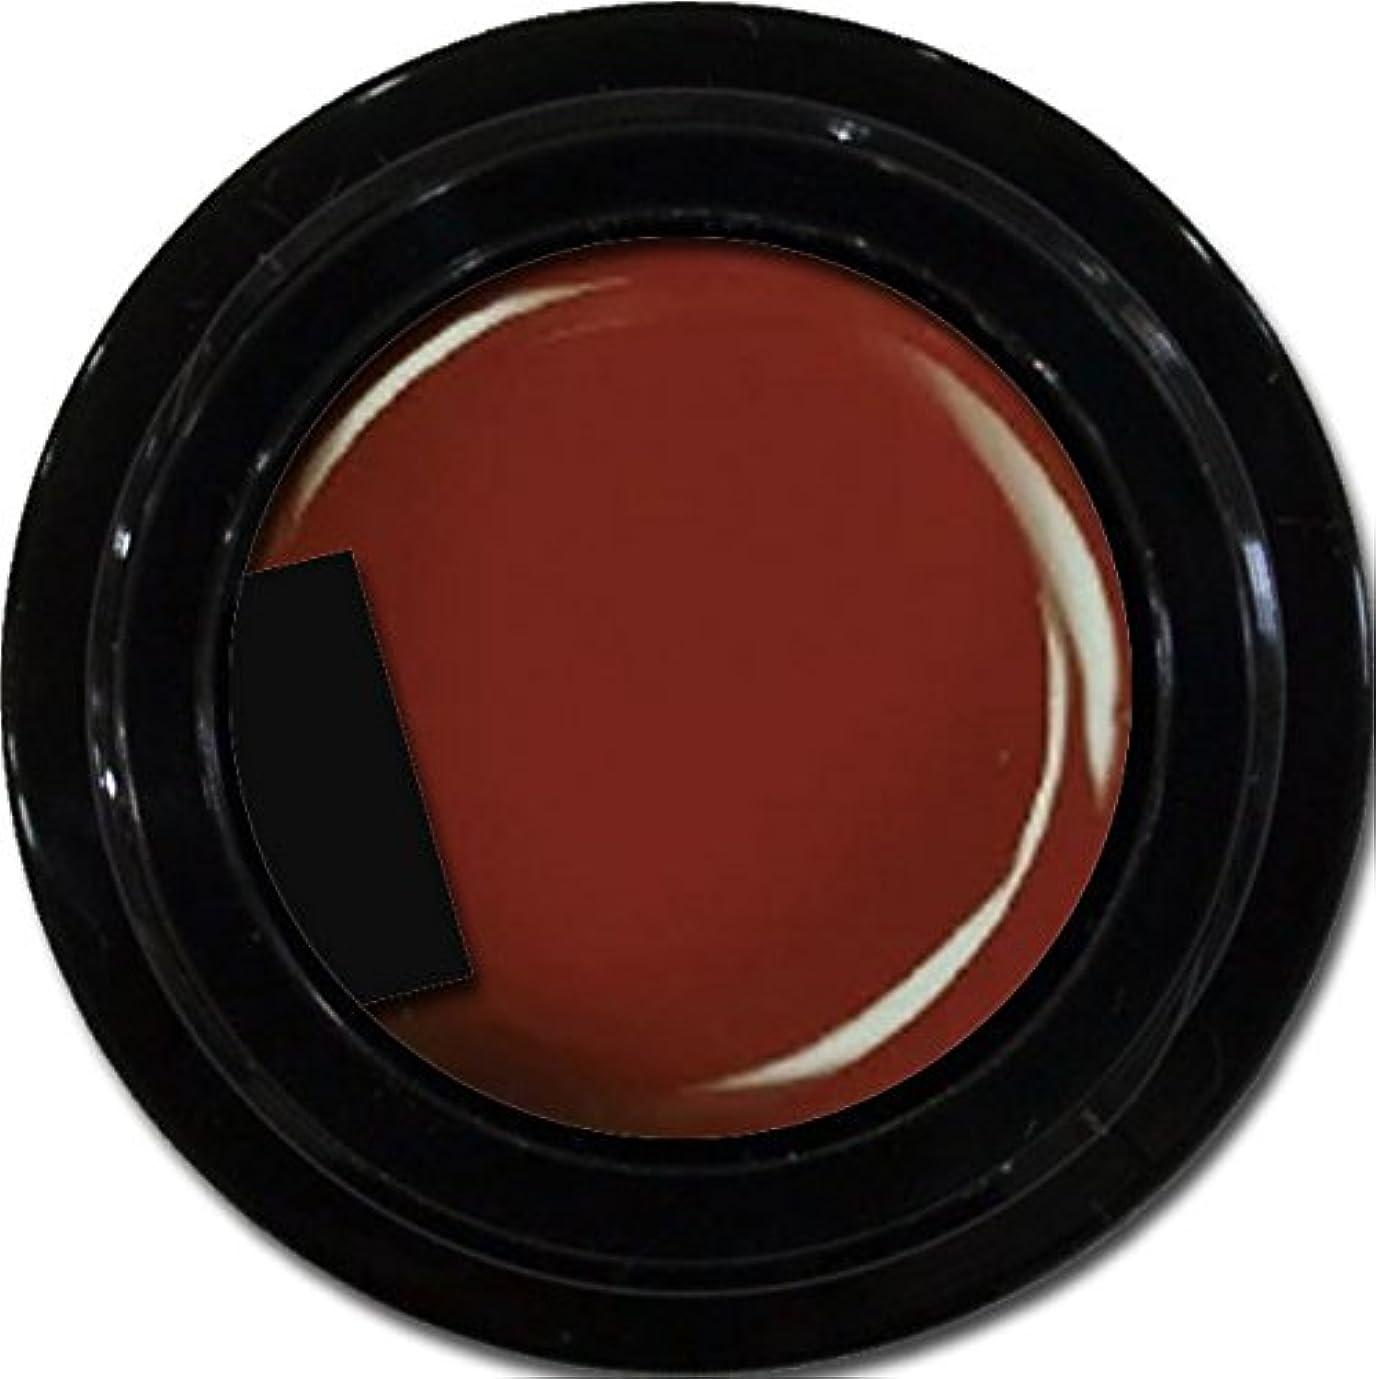 オークフォームアウトドアカラージェル enchant color gel M407 Bordeaux 3g/ マットカラージェル M407ボルドー 3グラム